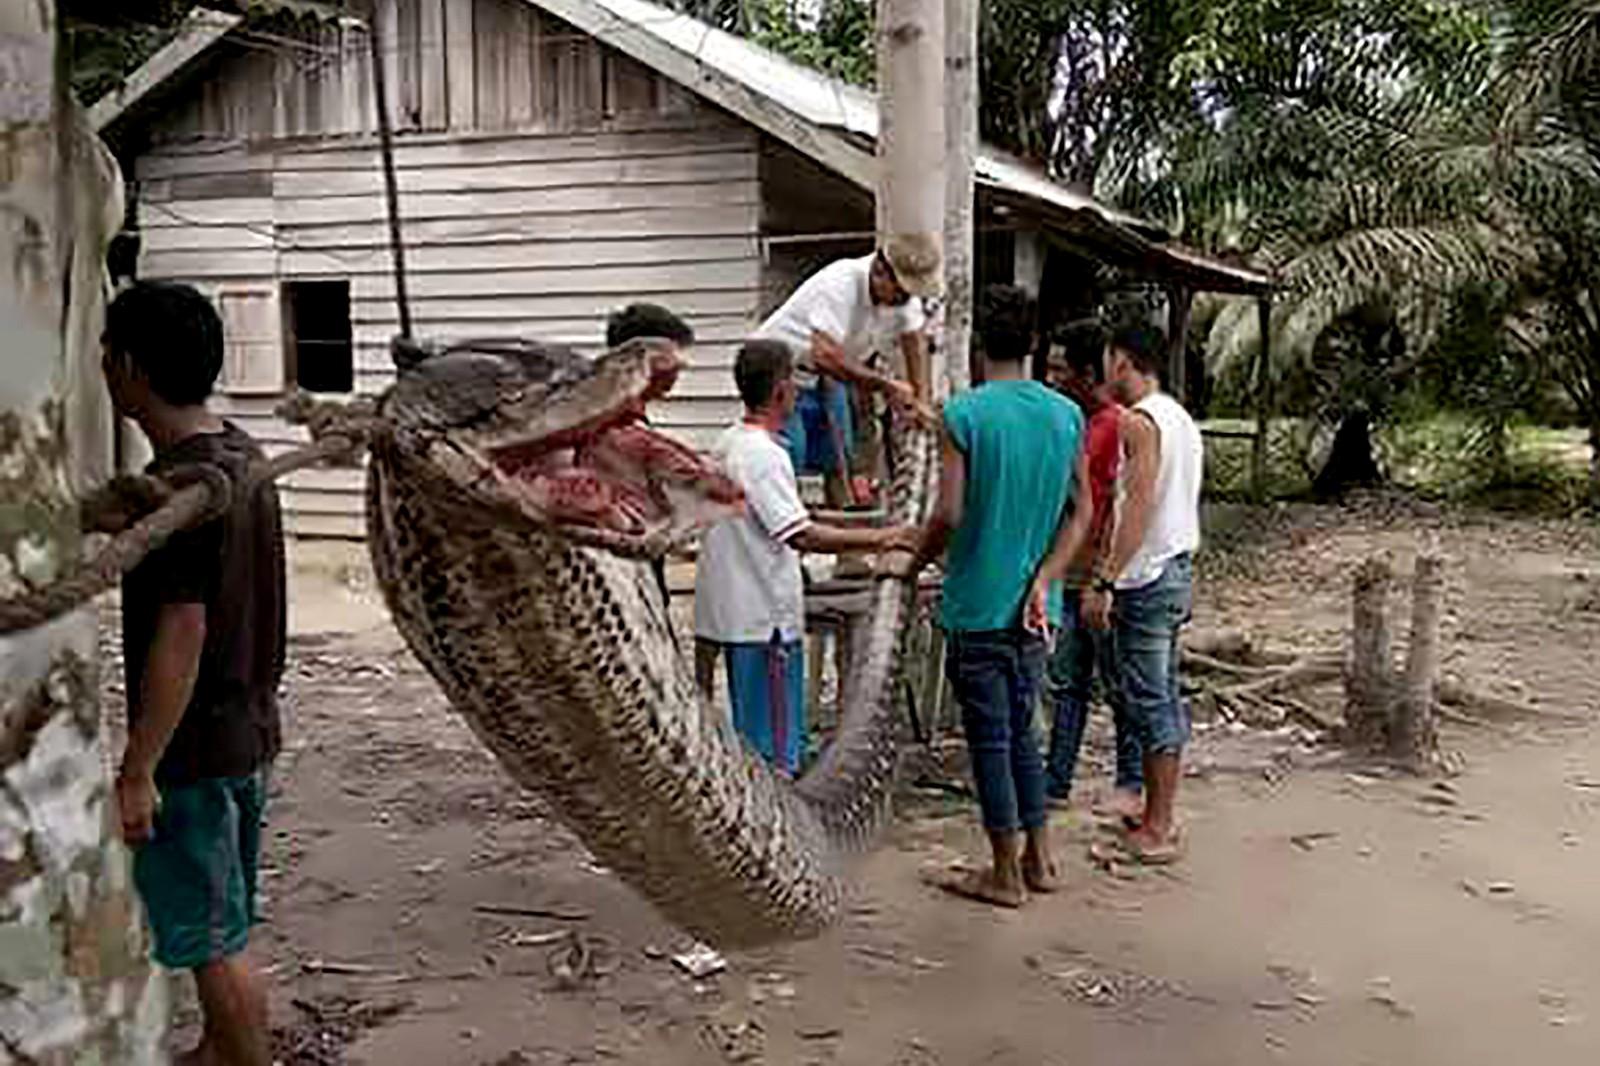 Slik ser et festmåltid ut i landsbyen Batang Gansal på Sumatra. En python-slange på nesten åtte meter angrep en mann før landsbybeboerne kom hjelpende til og drepte den. Senere ble den slakta og spist.